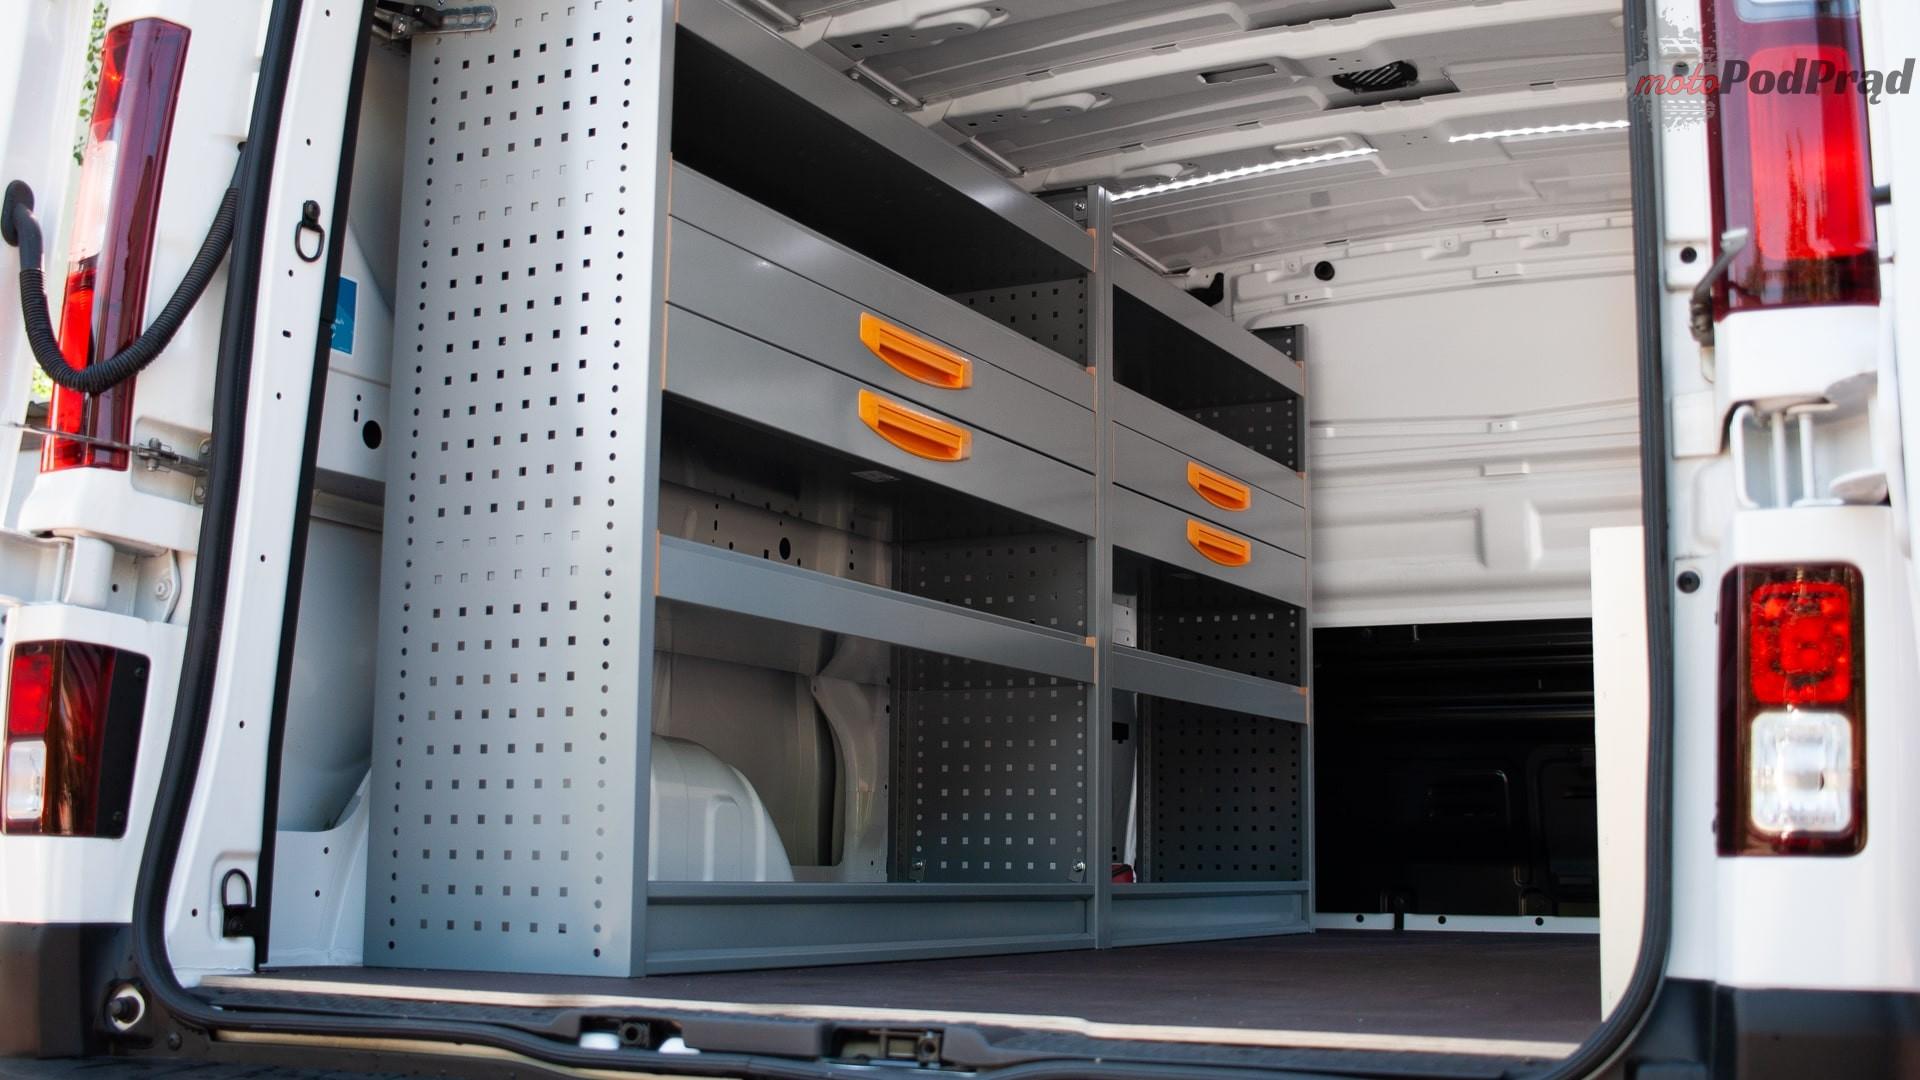 renault trafic 13 Test: Renault Trafic furgon z zabudową Renault Tech – mobilny serwis